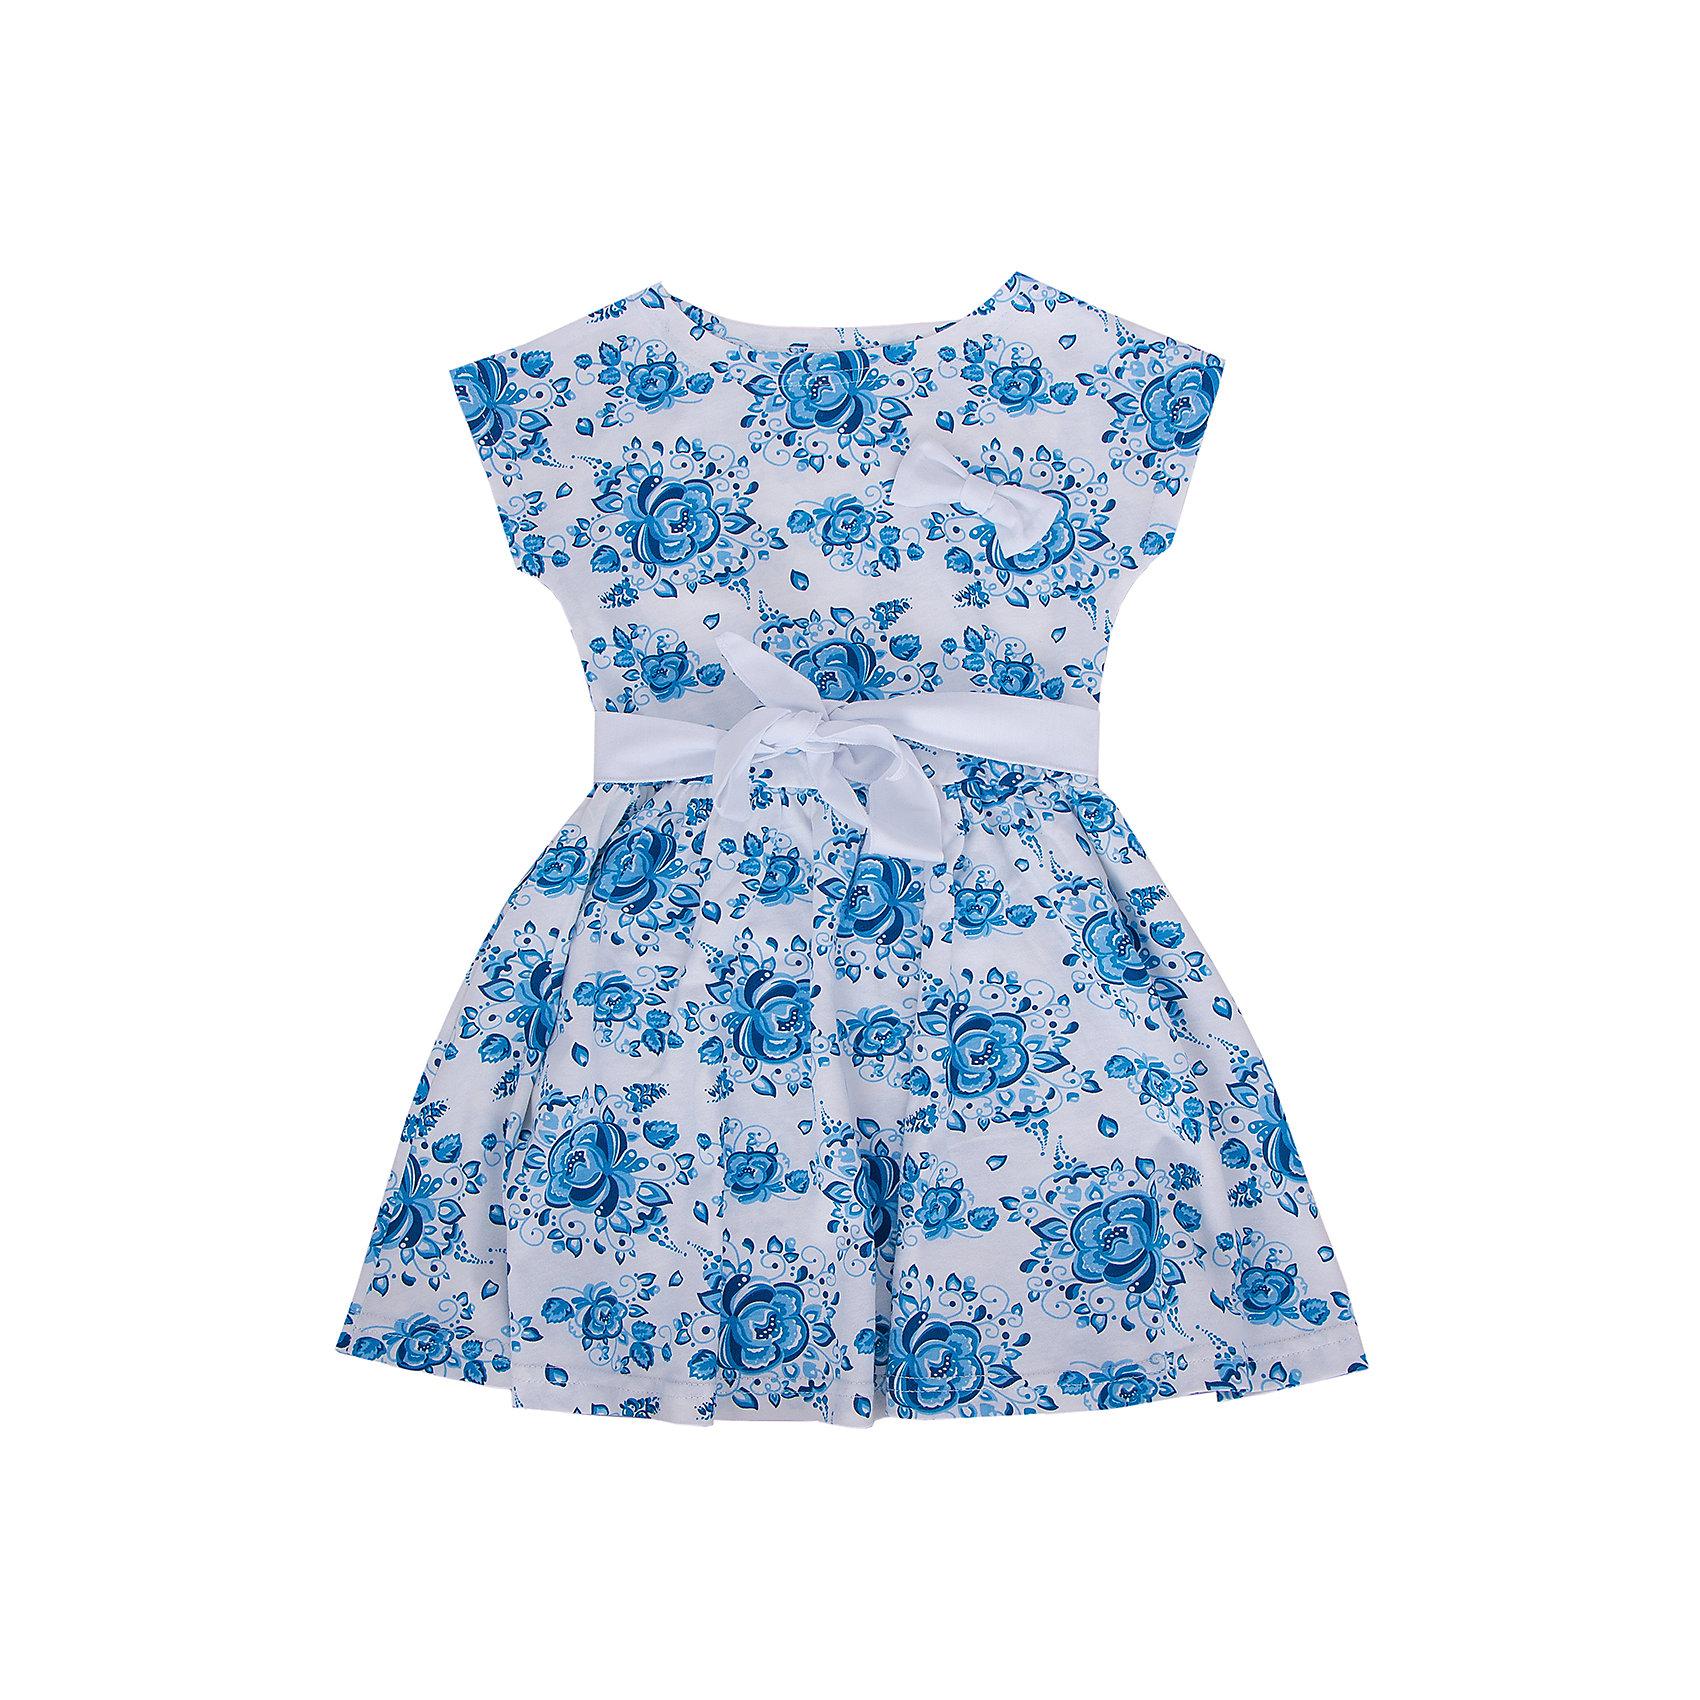 Платье АпрельОчаровательное платьишко из мягкого хлопка. Приятное на ощупь, не сковывает движения, обеспечивая наибольший комфорт. Изделие без рукавов, для придания элегантного силуэта по линии талии вставлена резинка, декорировано дизайнерской набивкой. Контрастный пояс и съемная брошь-бантик прекрасно завершат образ. Отличный вариант для маленькой модницы как на праздник, так и на каждый день! Рекомендуется деликатная машинная стирка без предварительного замачивания. Состав: 100% хлопок<br><br>Ширина мм: 236<br>Глубина мм: 16<br>Высота мм: 184<br>Вес г: 177<br>Цвет: синий<br>Возраст от месяцев: 84<br>Возраст до месяцев: 96<br>Пол: Женский<br>Возраст: Детский<br>Размер: 128,110,140,98,134,122,116,104<br>SKU: 4630609